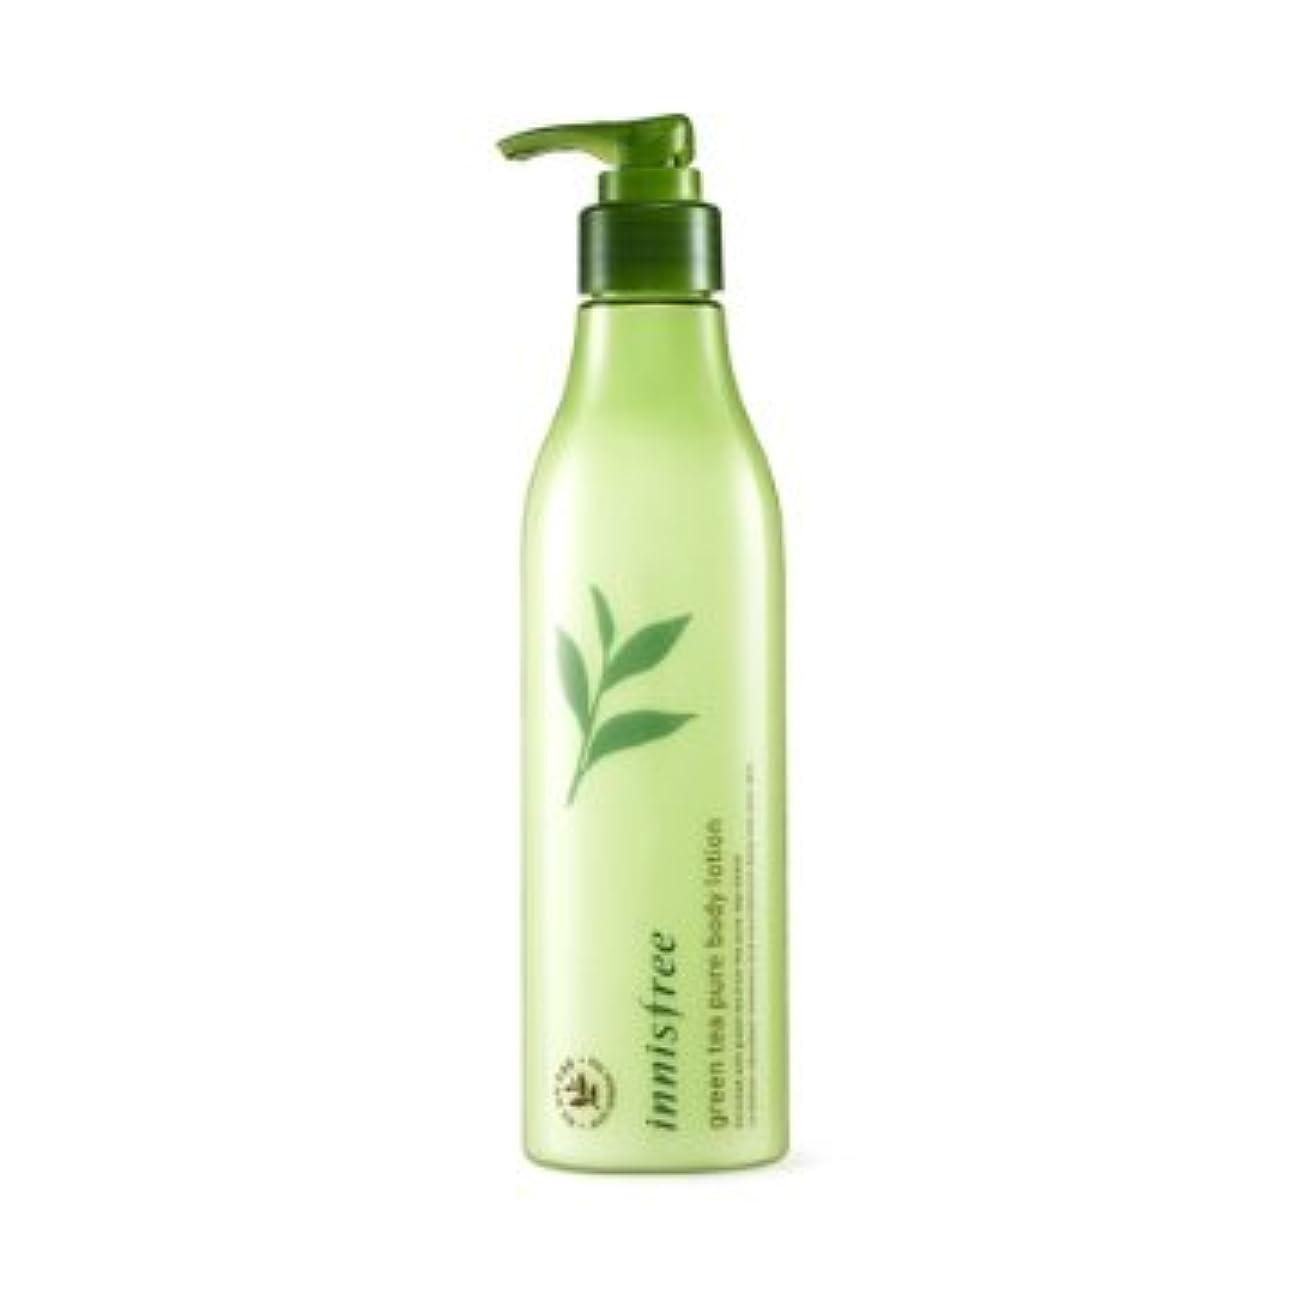 好戦的なボア気性【イニスフリー】Innisfree green tea pure body lotion - 300ml (韓国直送品) (SHOPPINGINSTAGRAM)